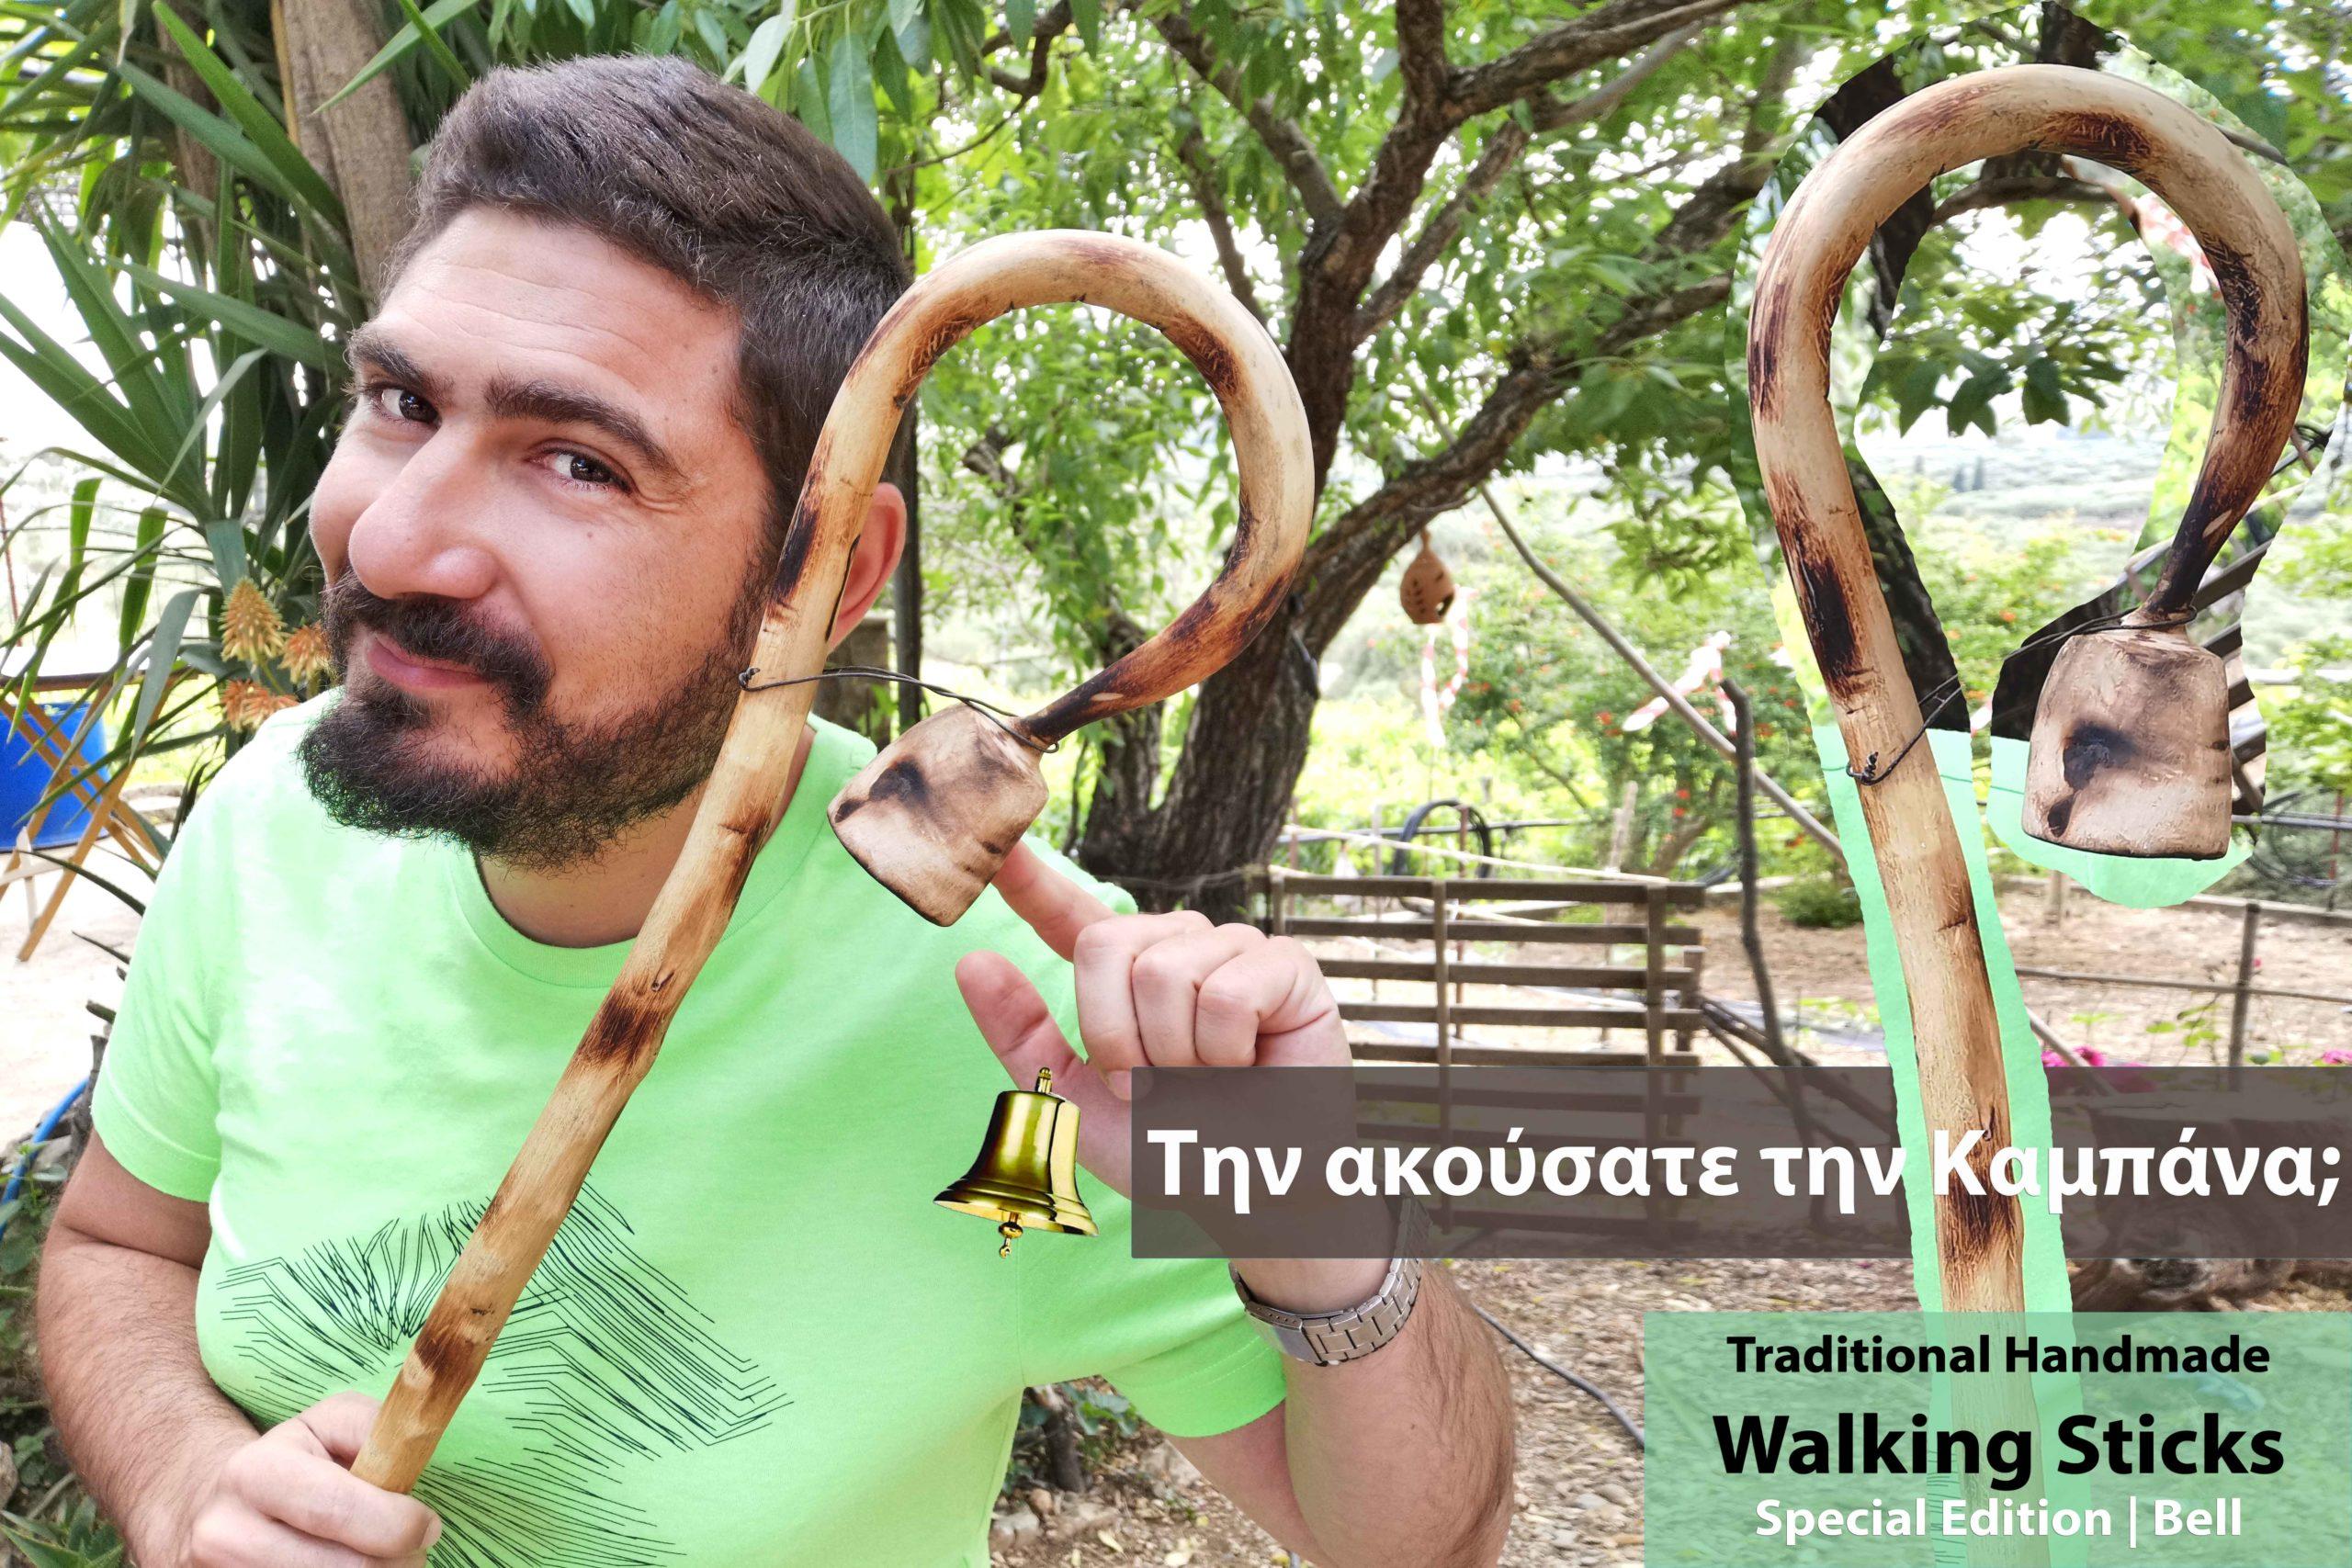 Την ακούσατε την καμπάνα; | Traditional Handmade cane, Special Edition Bell | Made in Crete, Greece